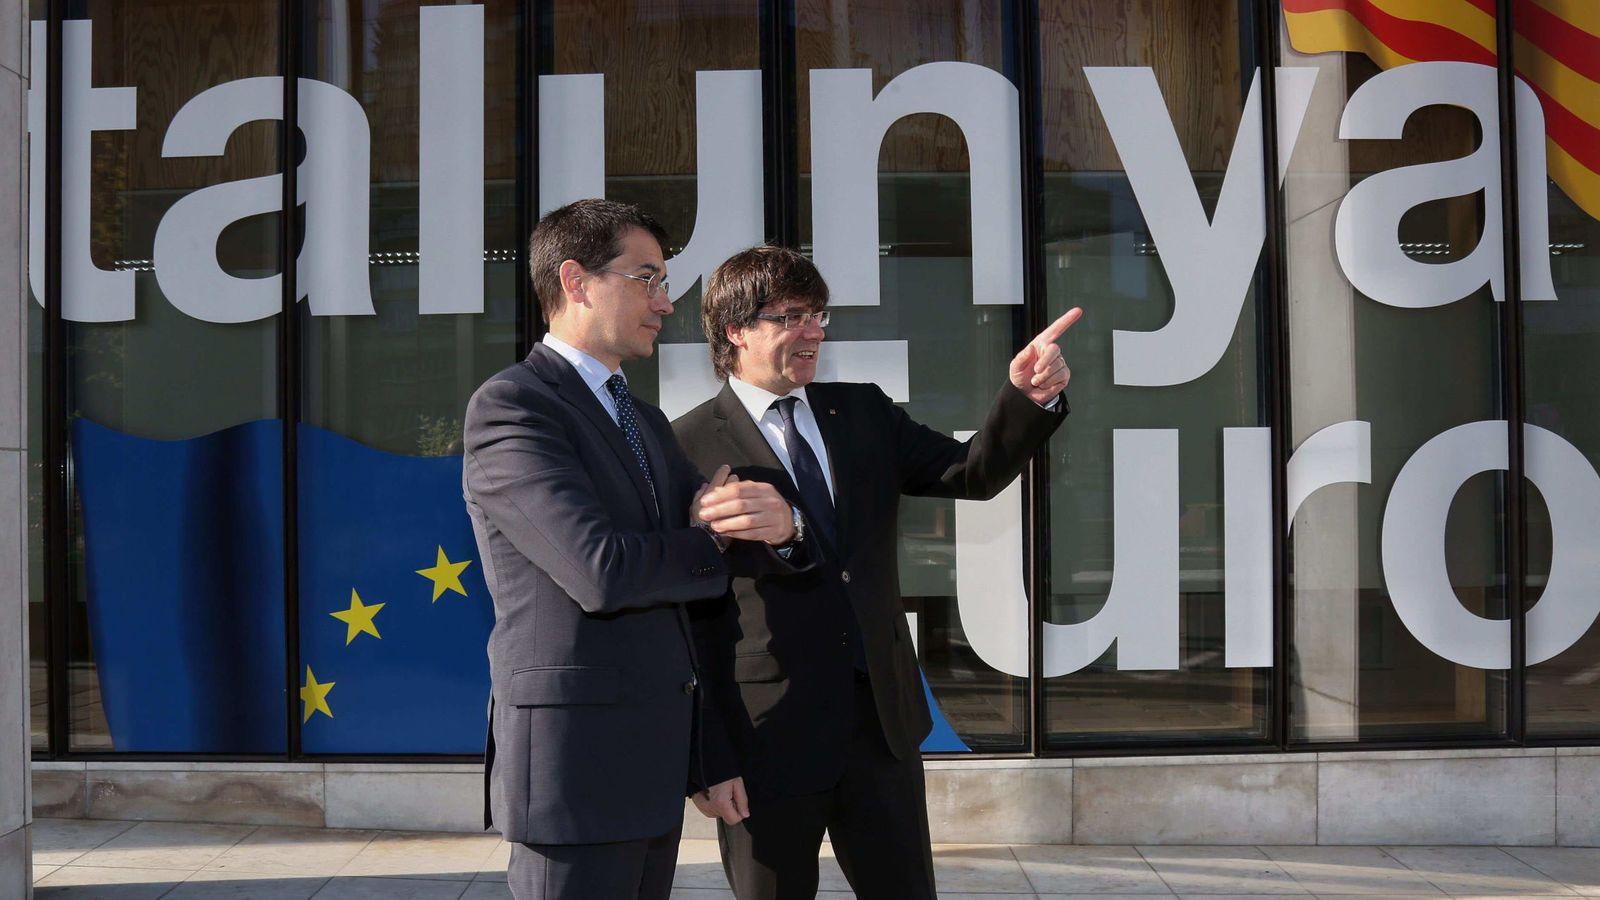 Foto: El presidente de la Generalitat, Carles Puigdemont, junto al representante permanente catalán ante la UE, Amadeu Altafaj, ante la sede de esa institución en Bruselas. (EFE)